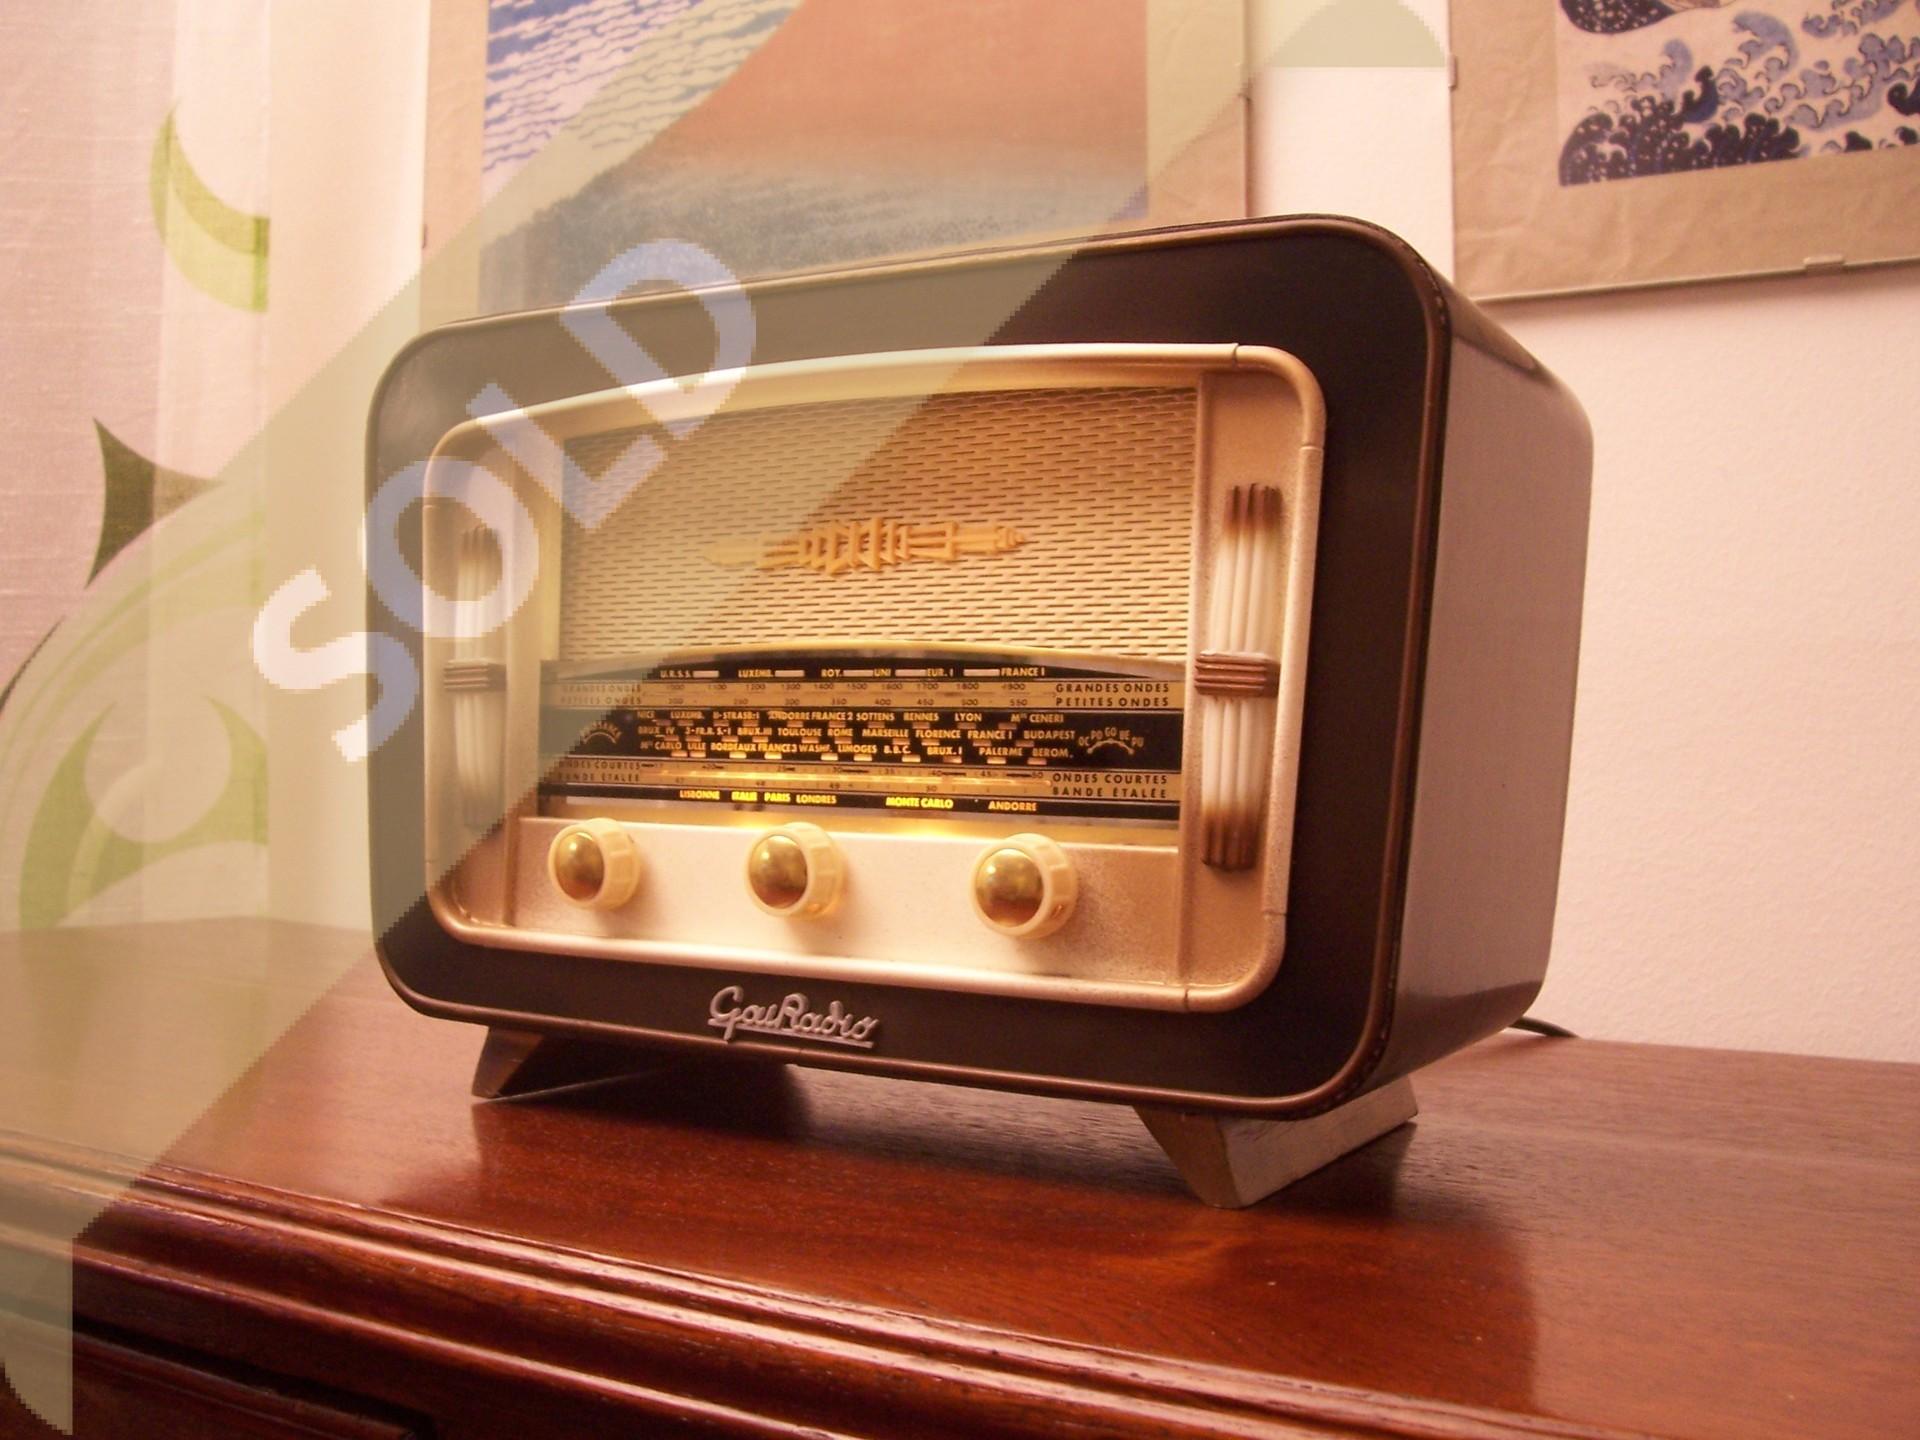 Gai Radio 01